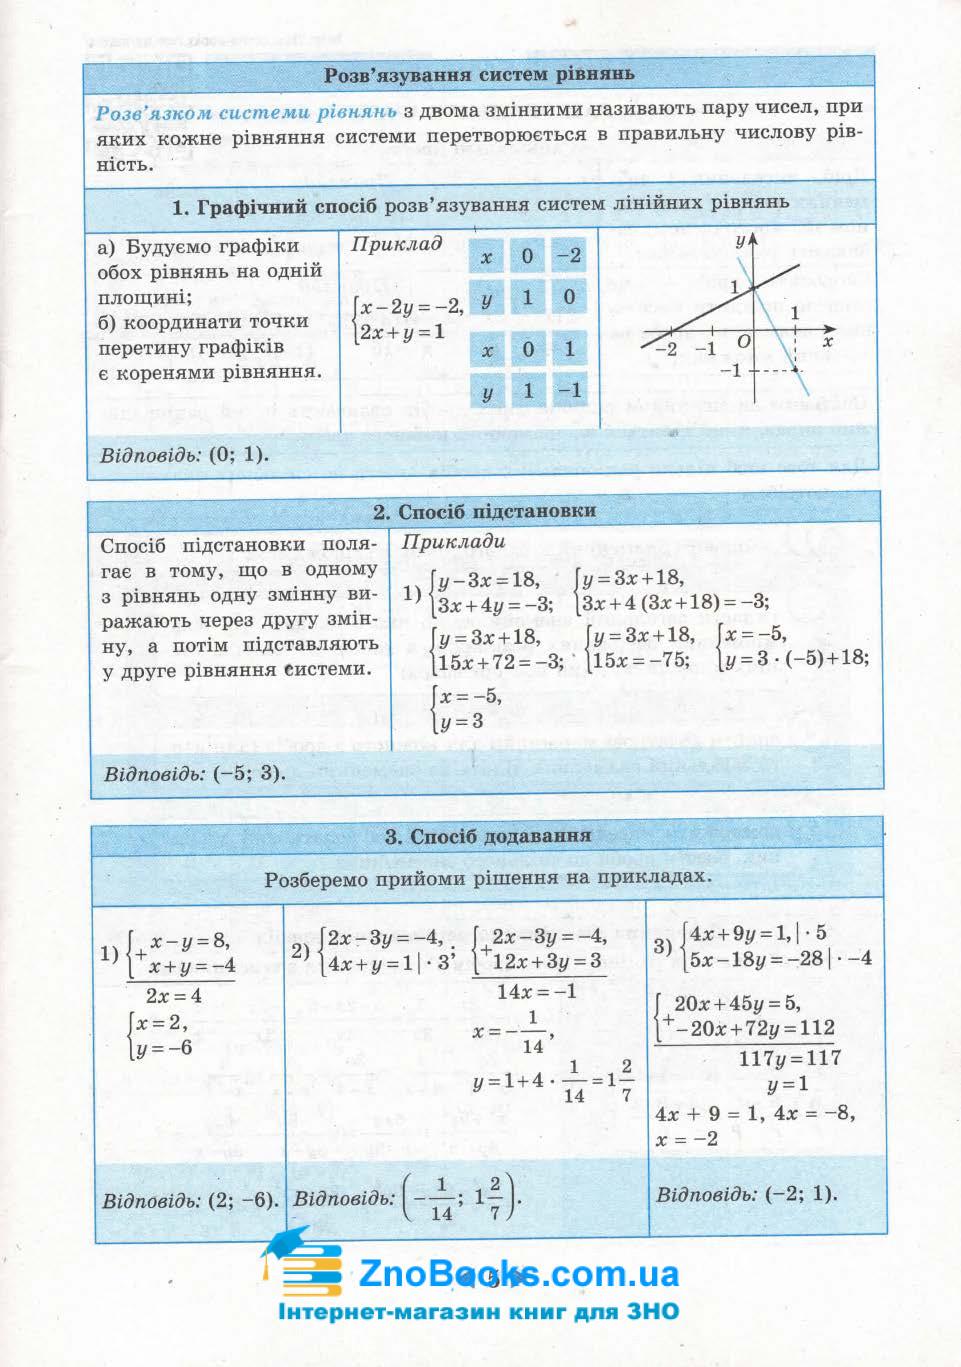 Довідник 7-11 клас з алгебри та геометрії. Підготовка до ЗНО та ДПА. Гальперіна А. Весна 6